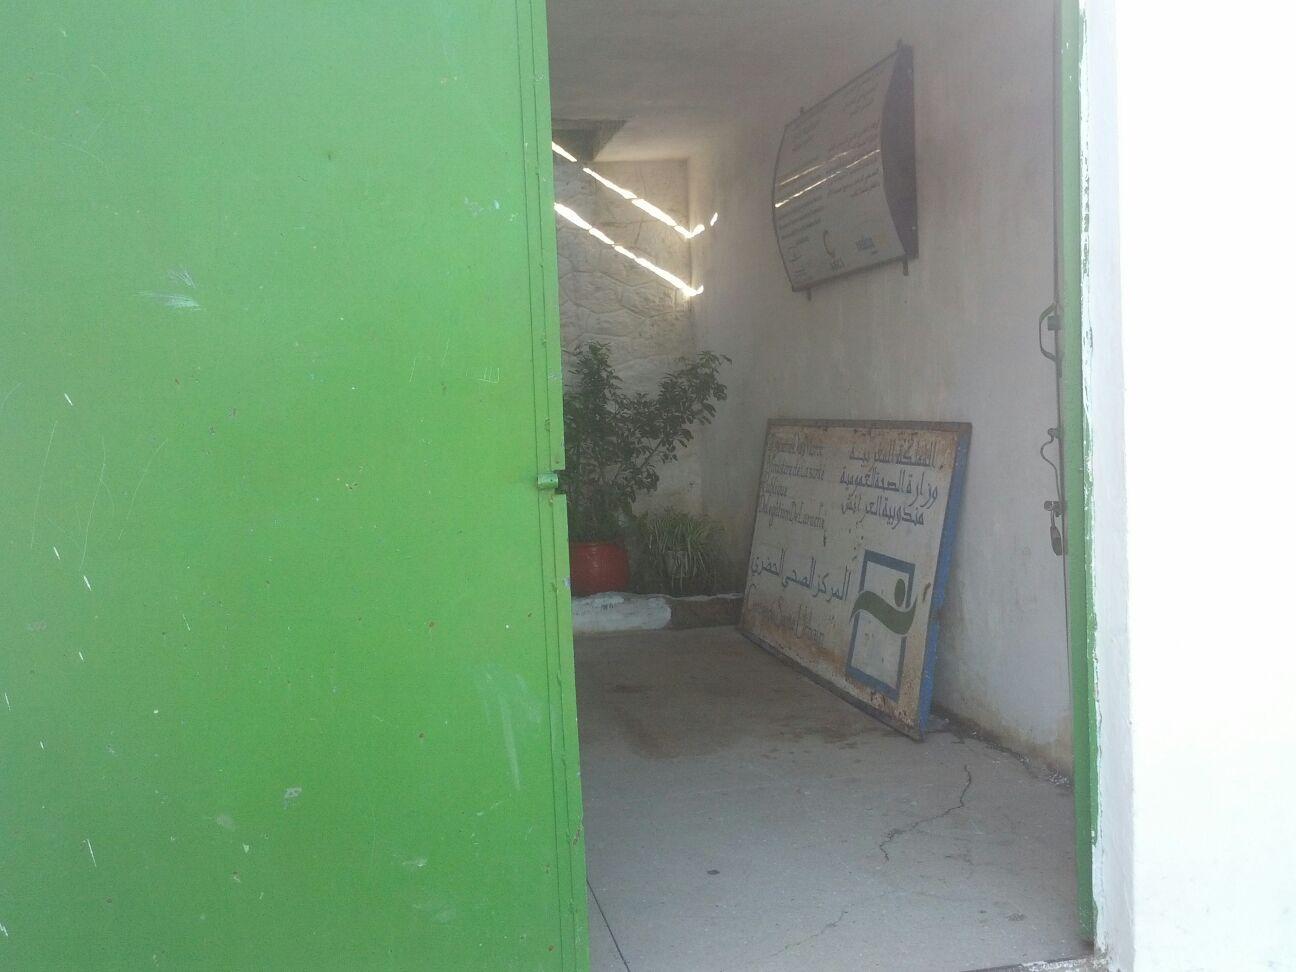 تلقيح الأطفال بالمركز الصحي باب الواد يمر في أجواء عشوائية